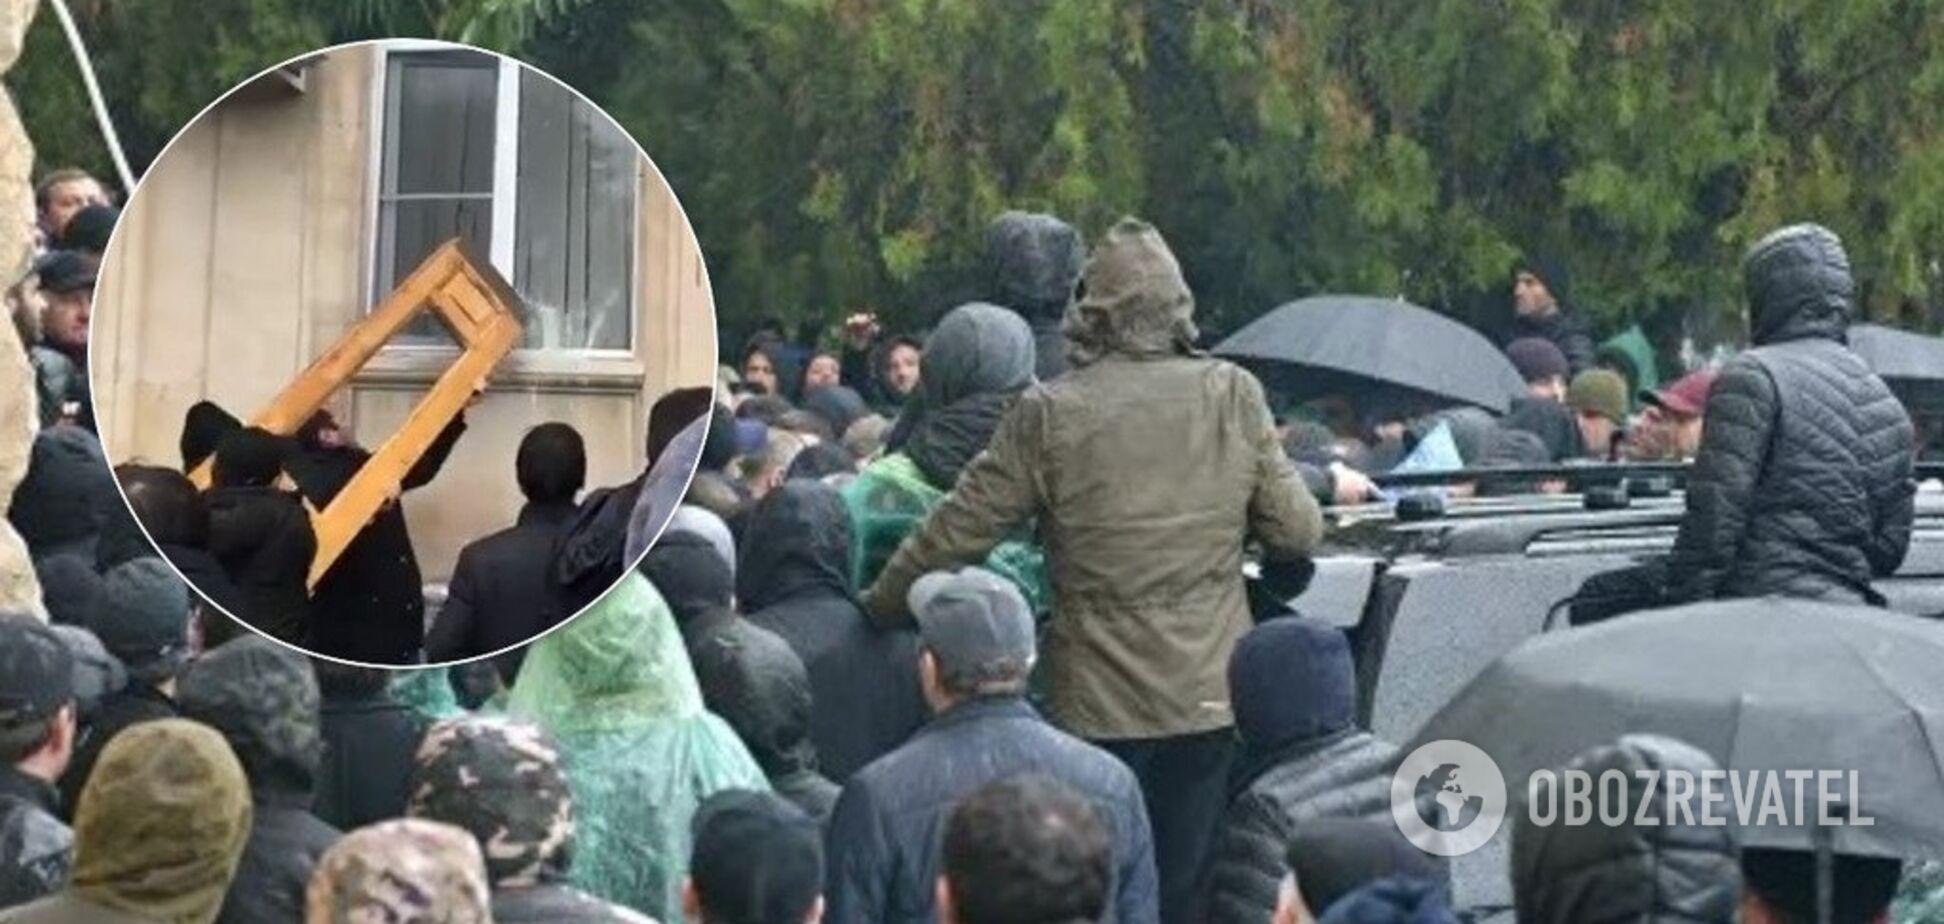 Штурм і відставка 'президента': всі подробиці протестів у Абхазії. Фото і відео